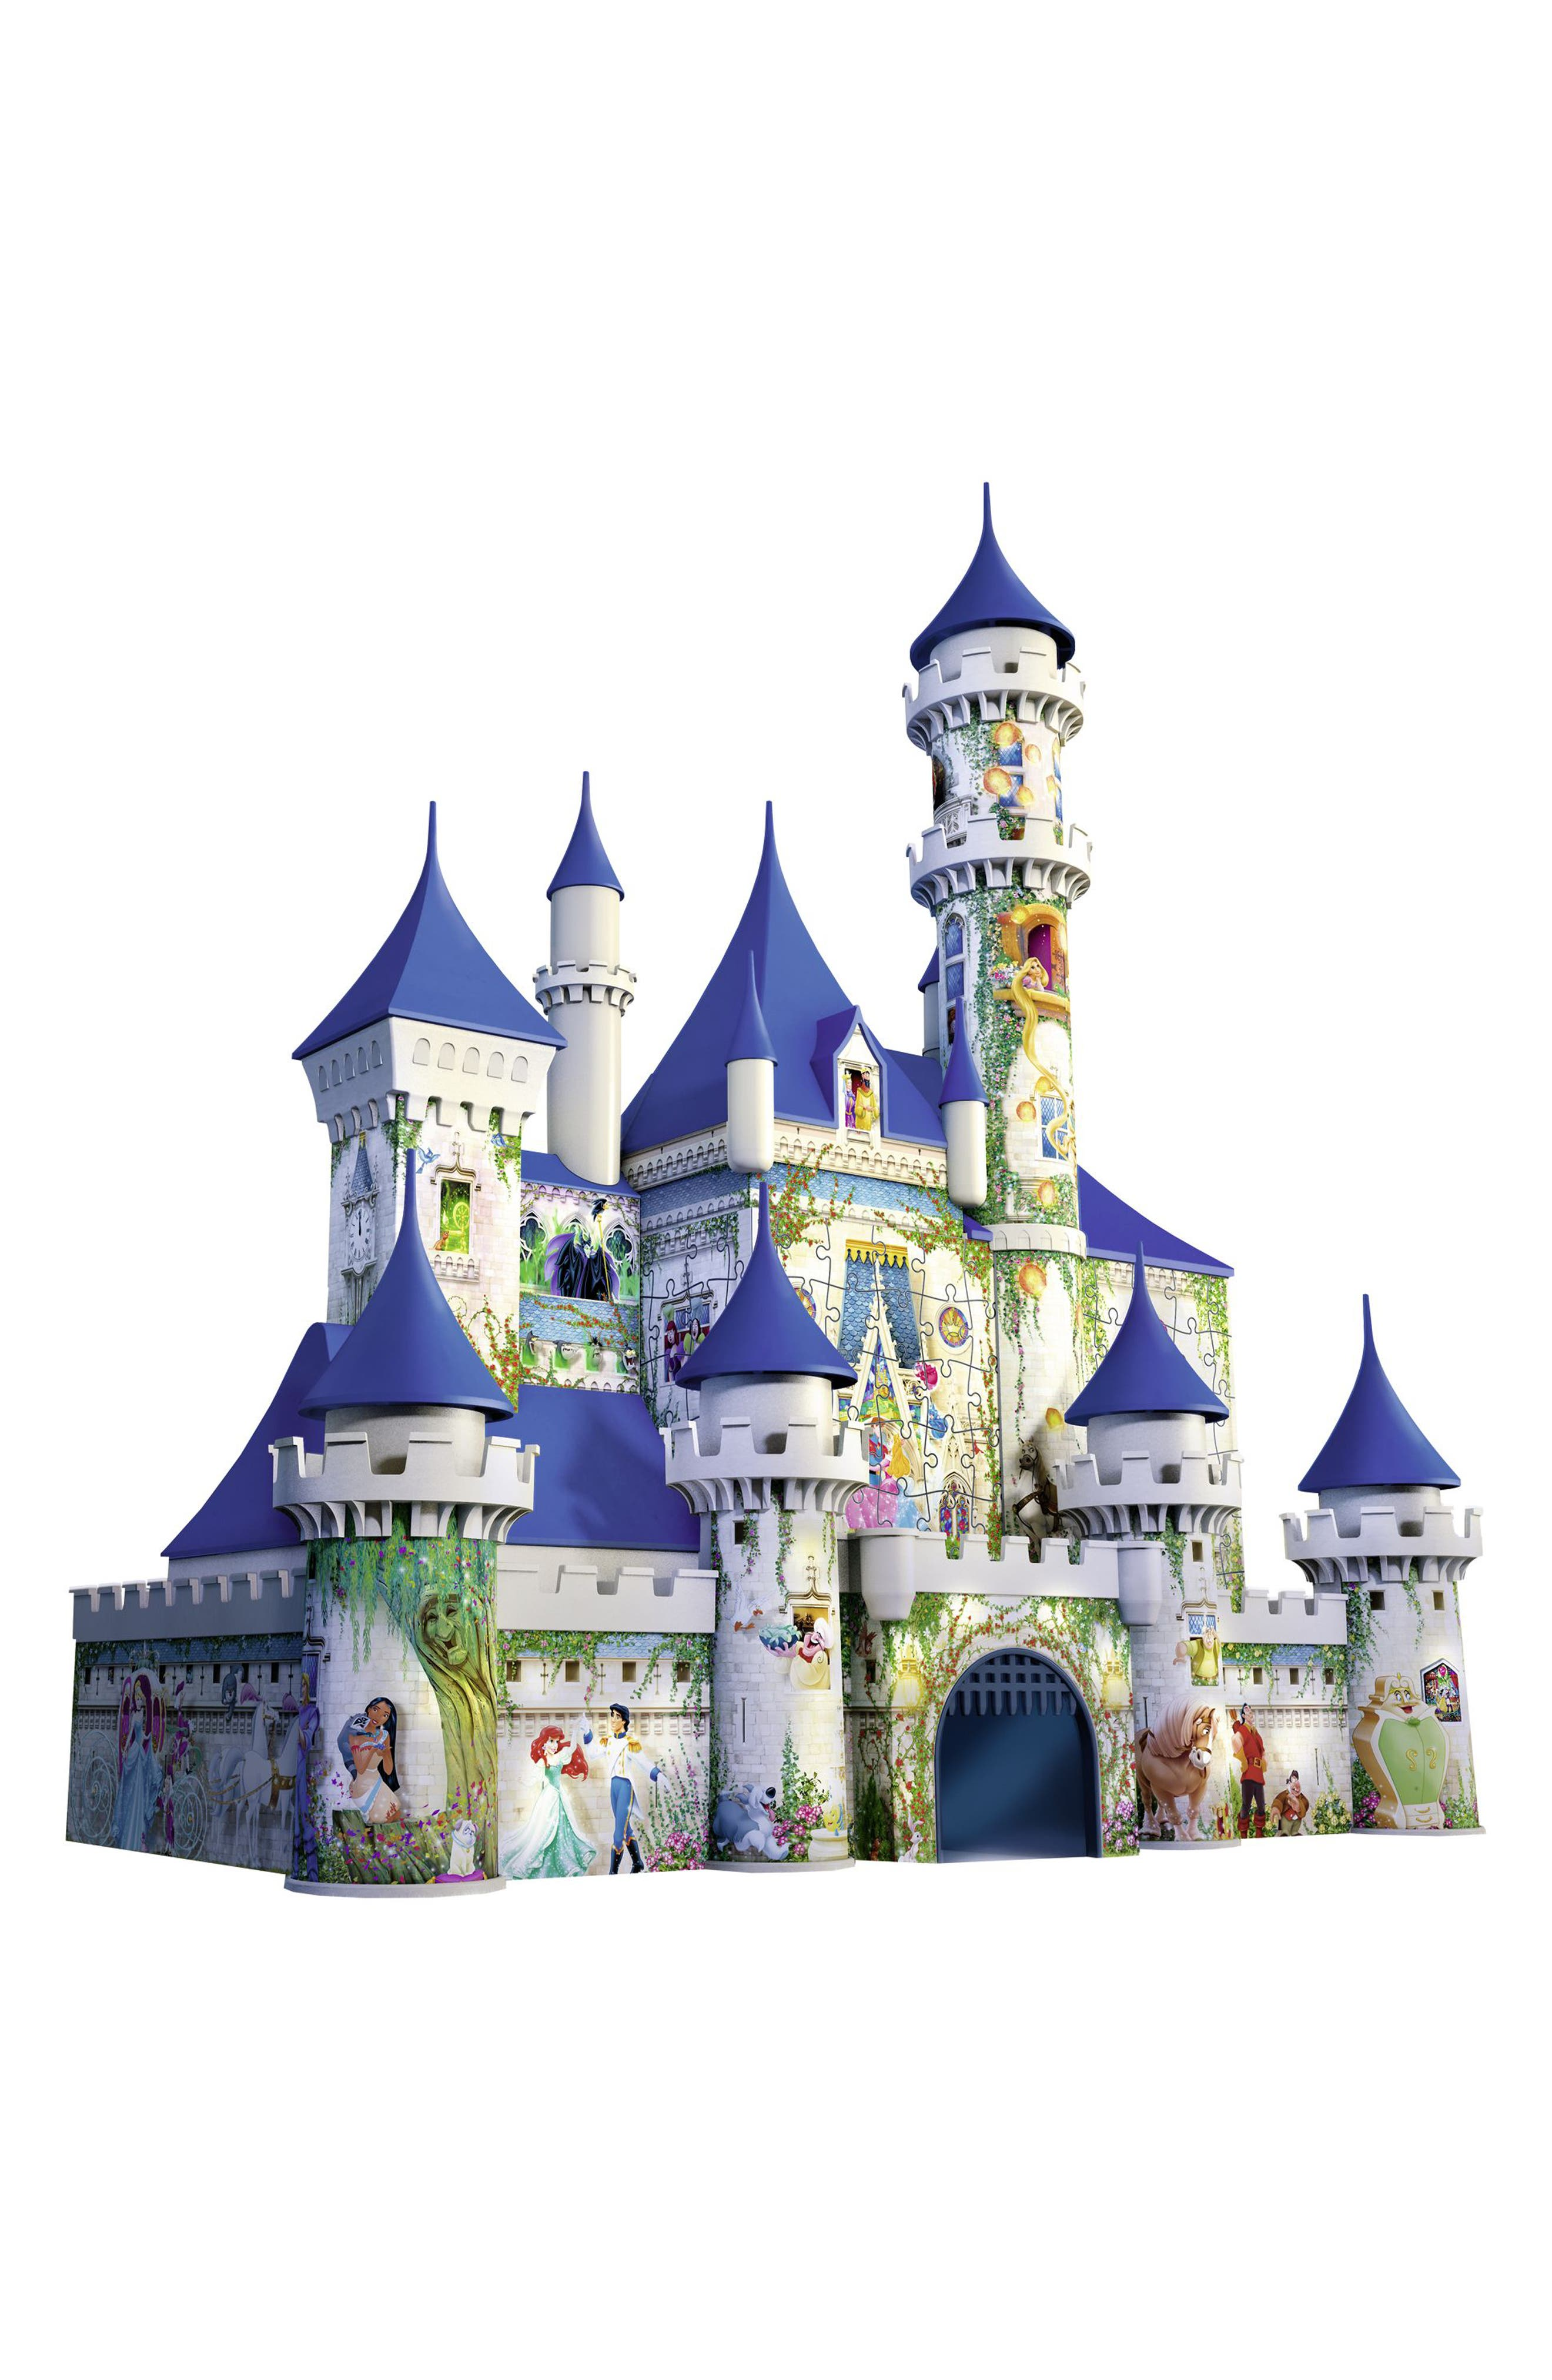 216-Piece Disney 3D Castle Puzzle,                             Alternate thumbnail 2, color,                             400